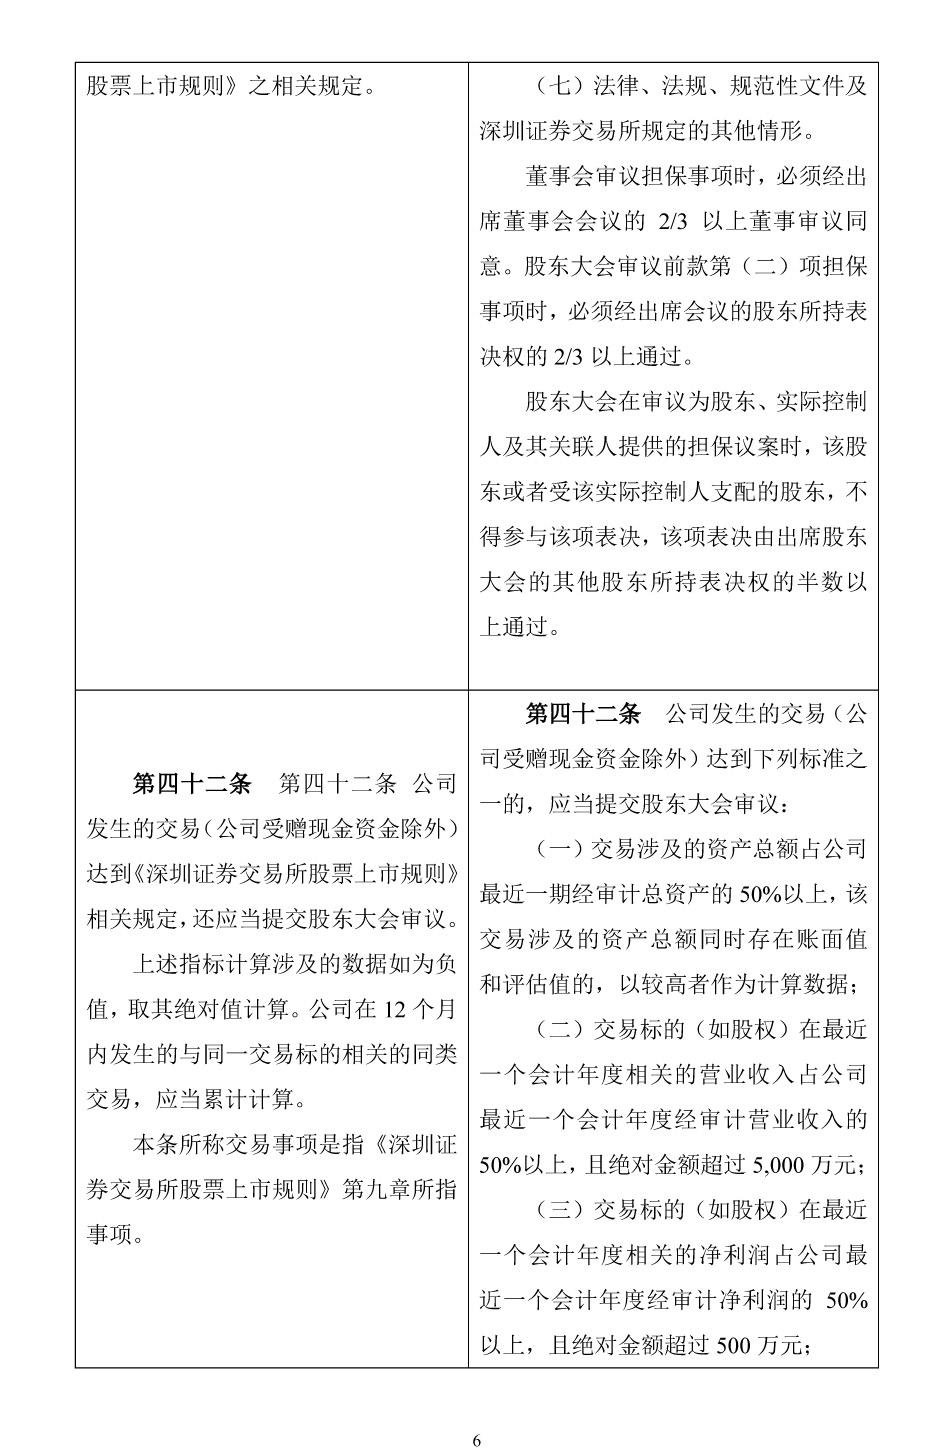 和科达:公司章程新旧条文对照表